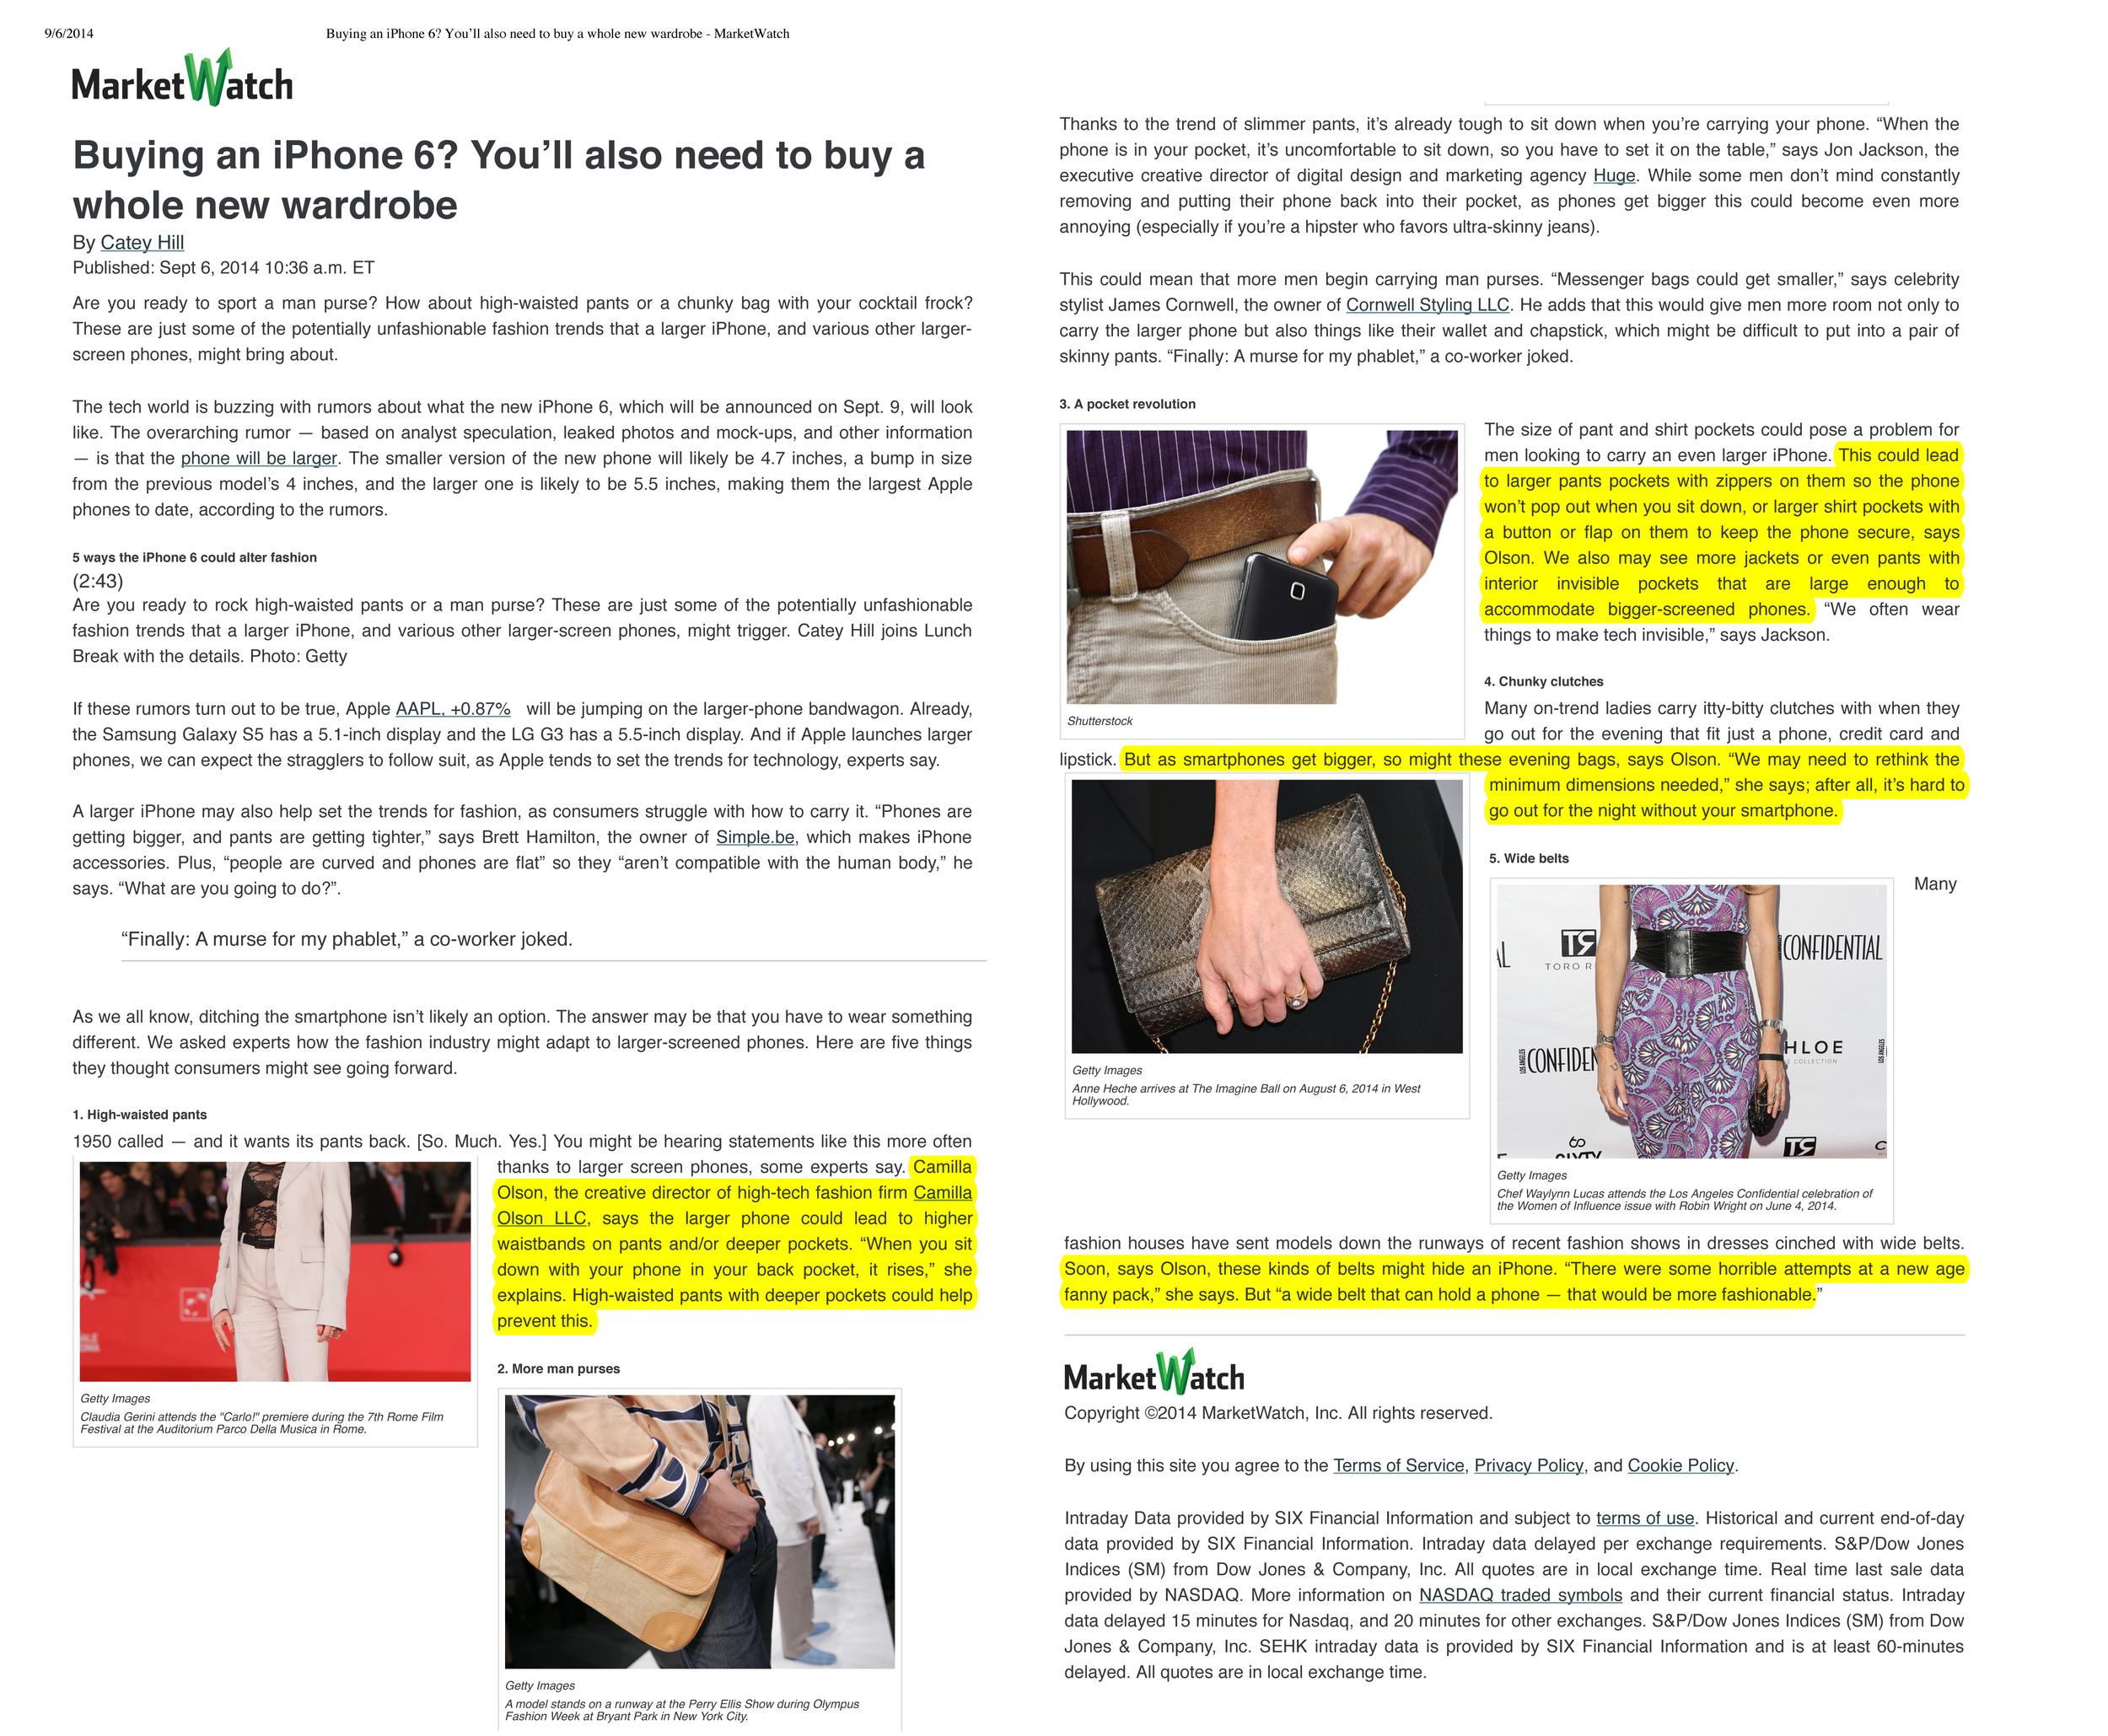 WSJ MarketWatch 9-5-14 Pending Apple Announcement Impacts Fashion